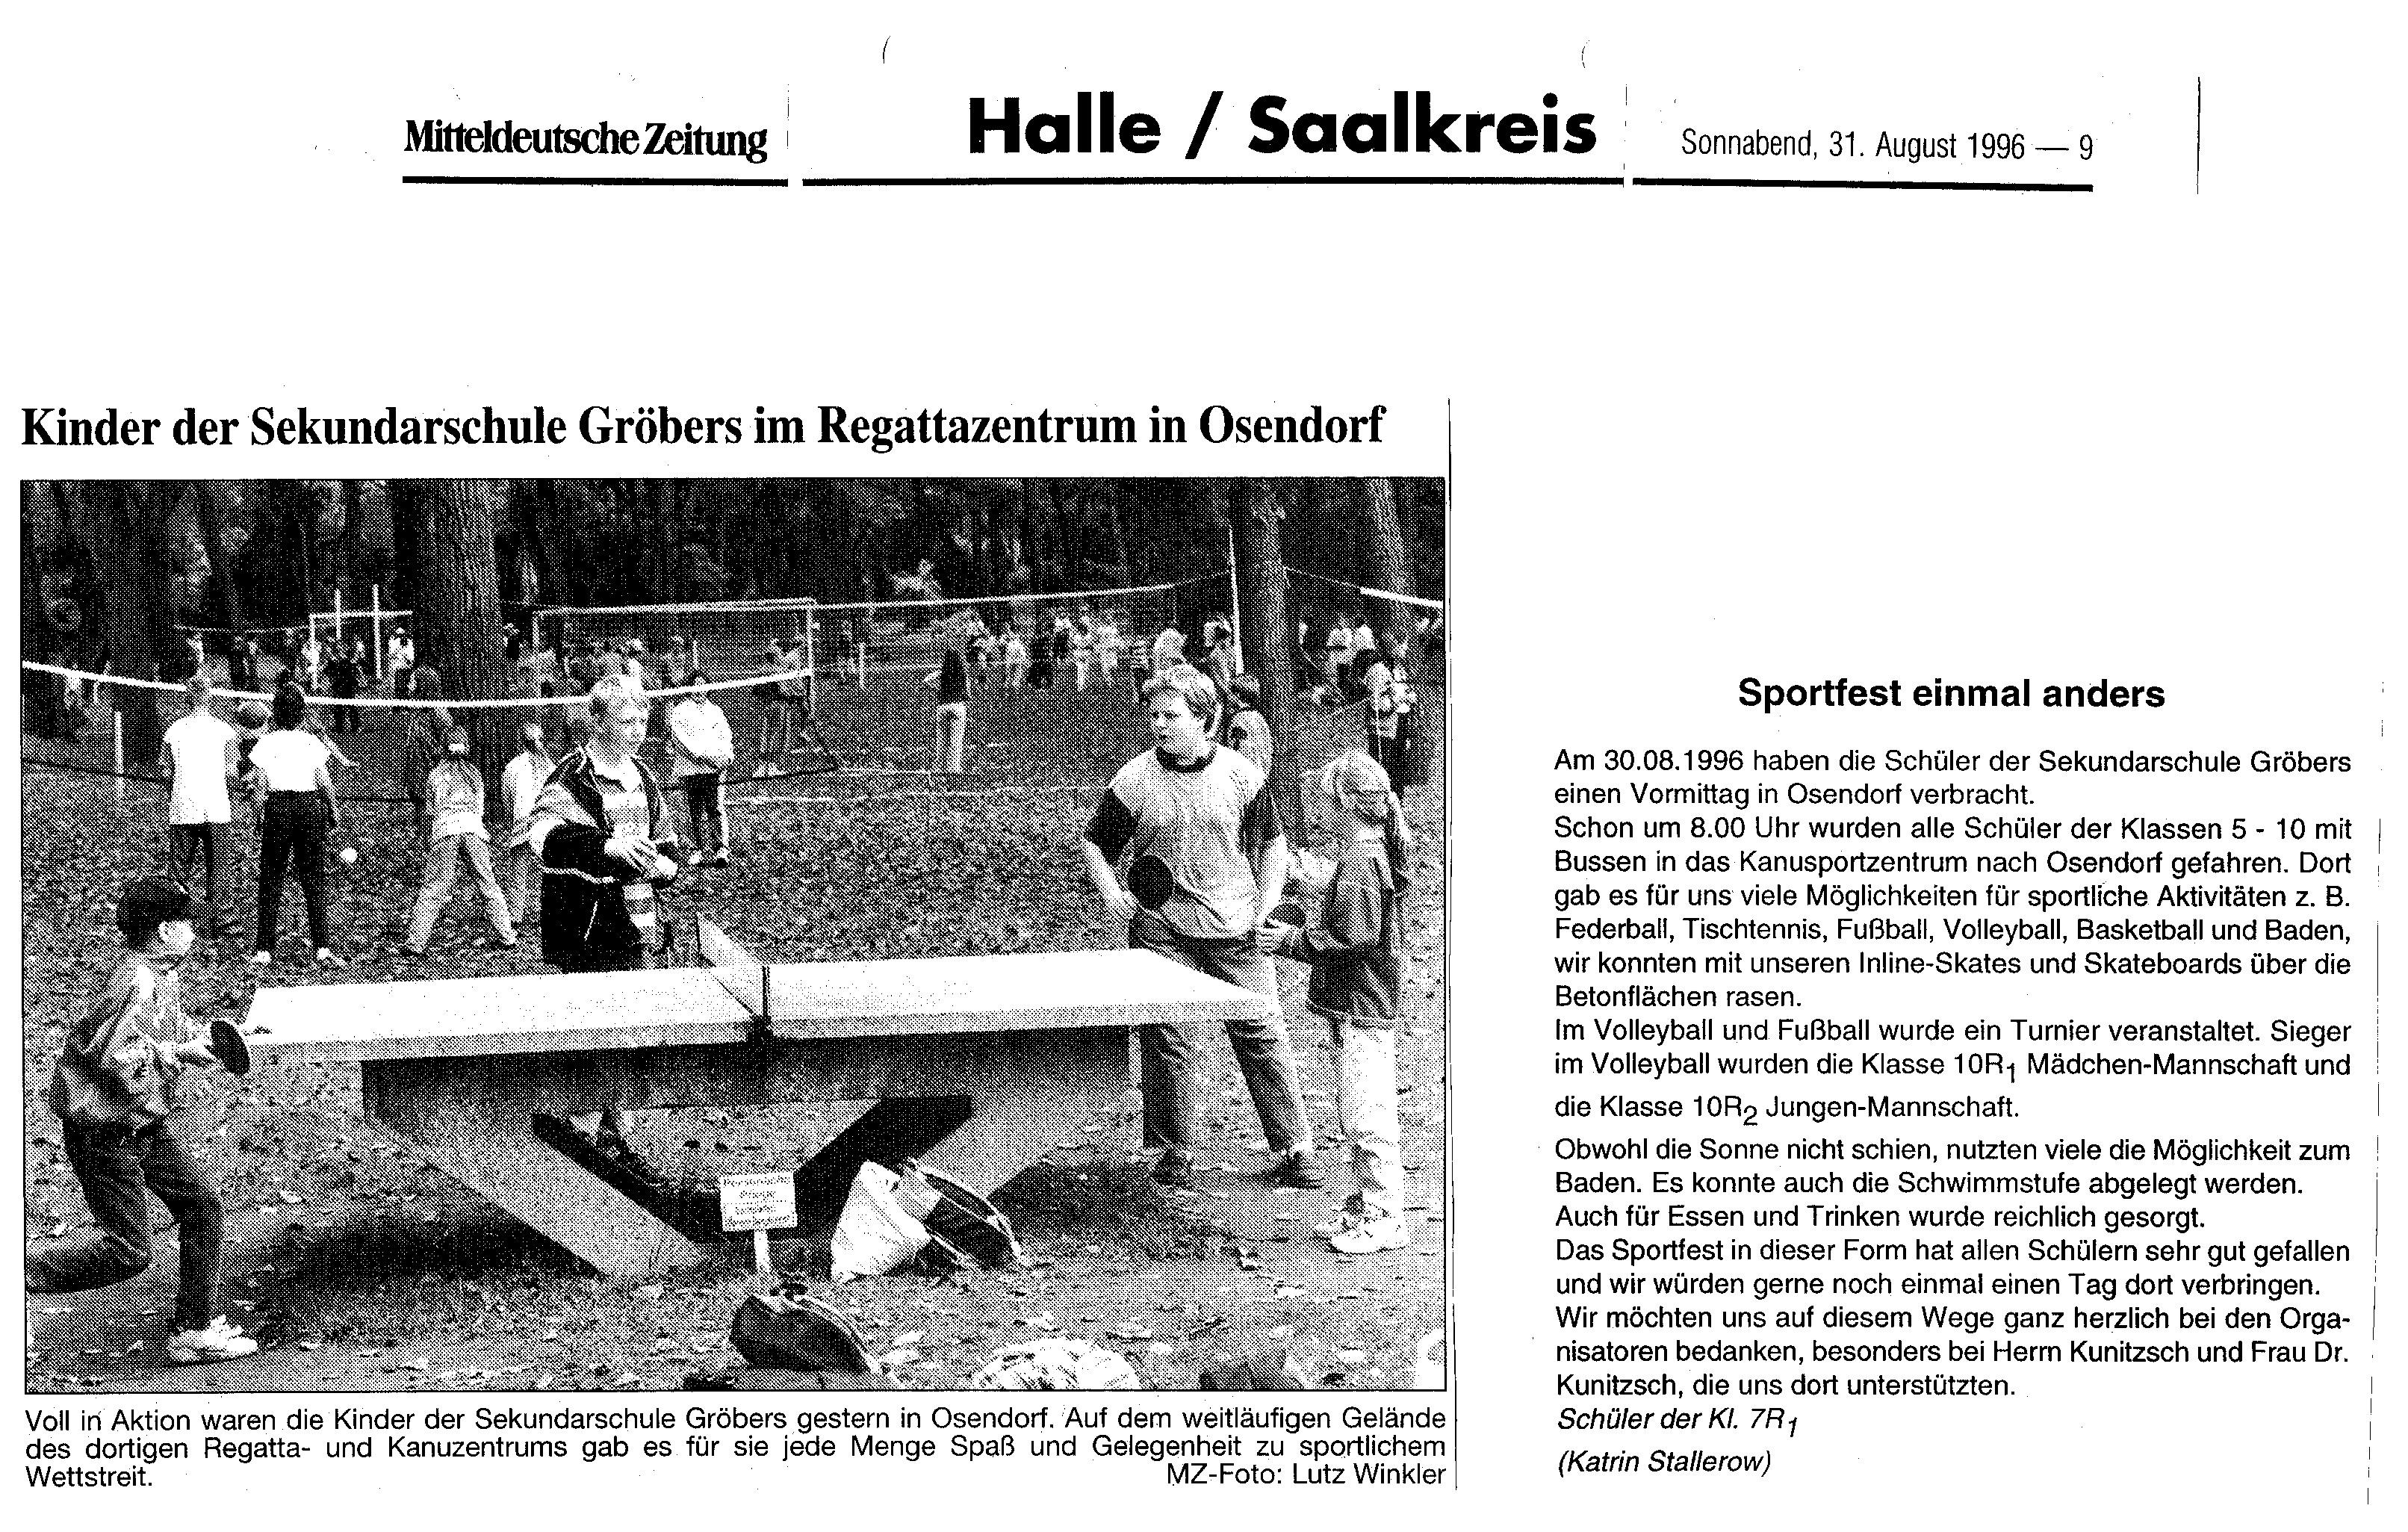 1996-08-31 MZ Kinder der Sekundarschule Gröbers im Regattazentrum in Osendorf